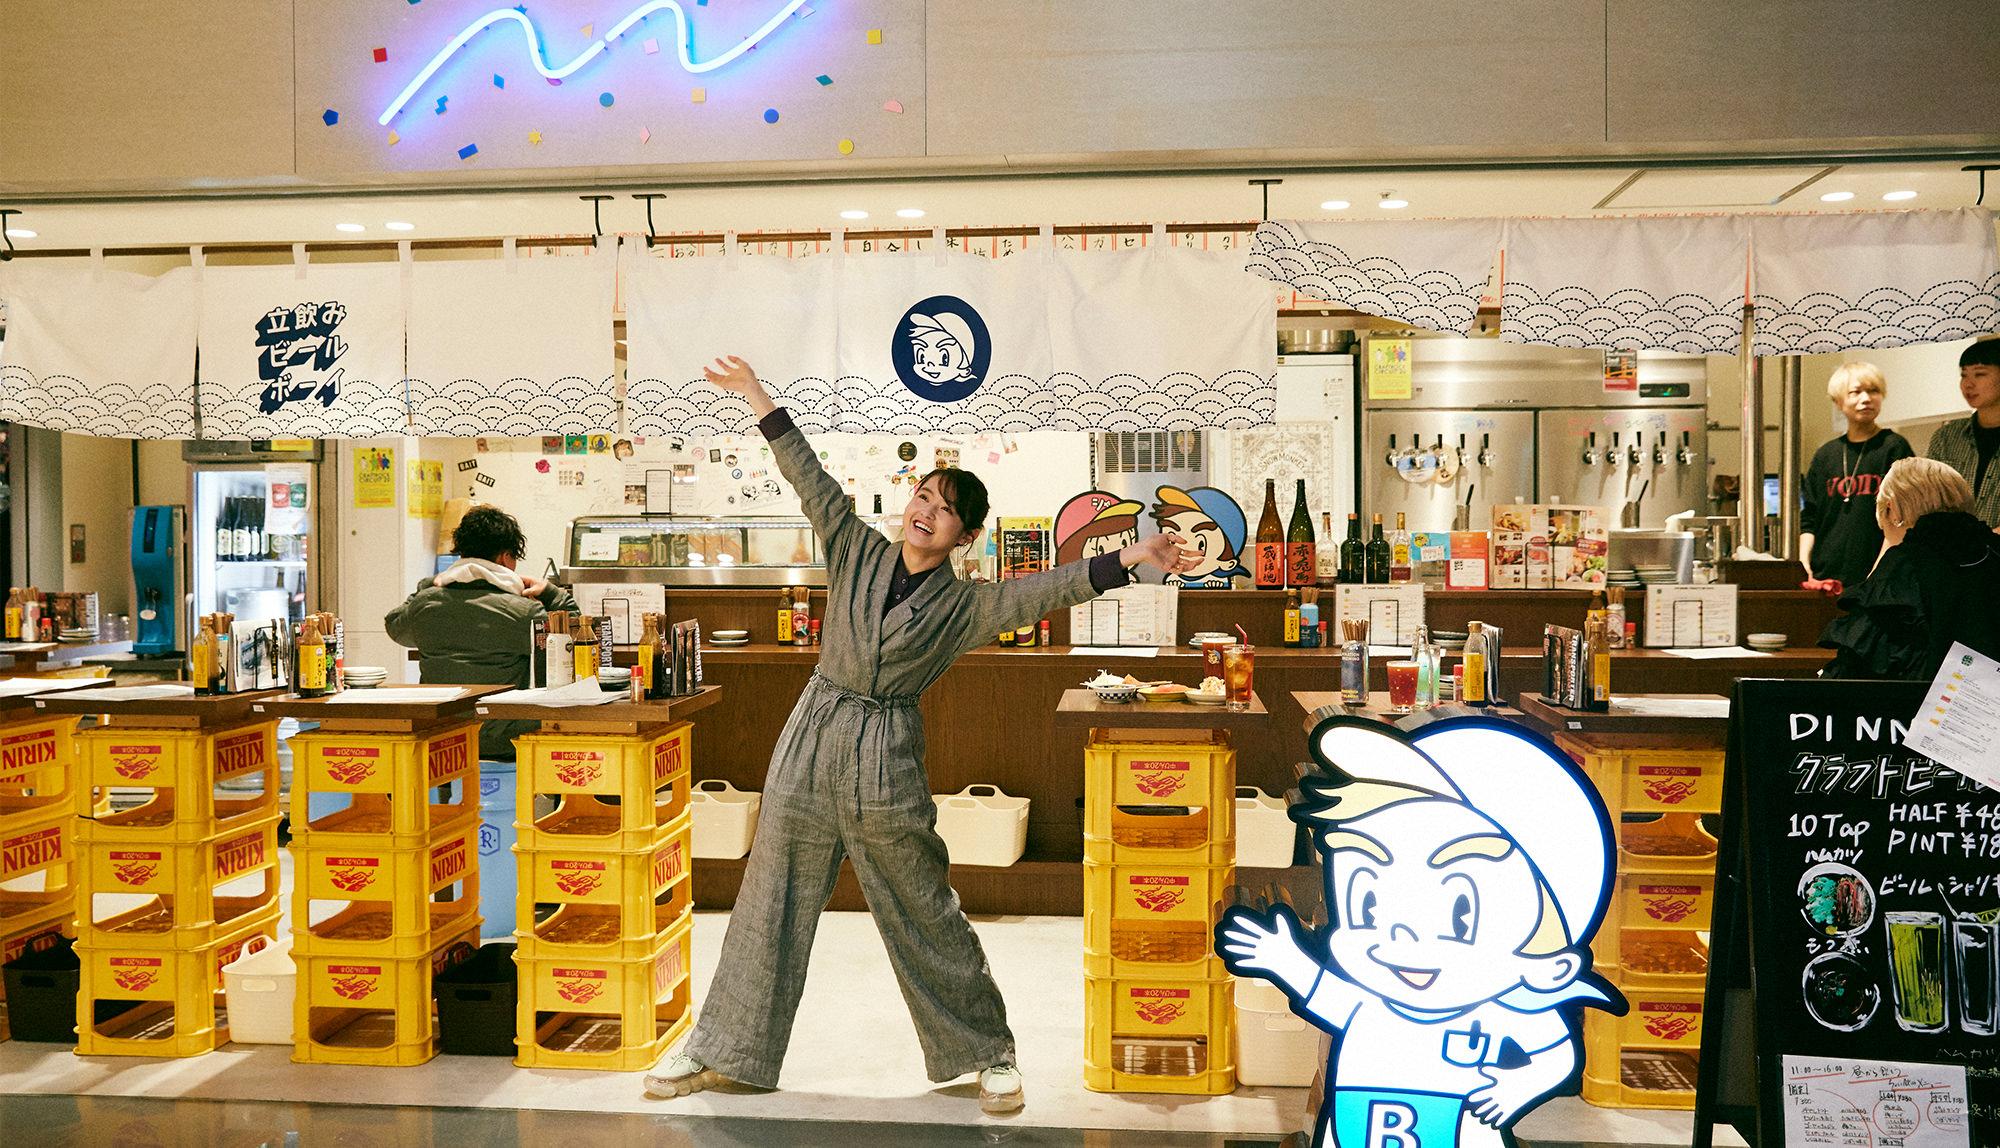 伊藤万理華×立飲みビールボーイ|立ち飲みできるモダン大衆酒場で、気軽に一杯。